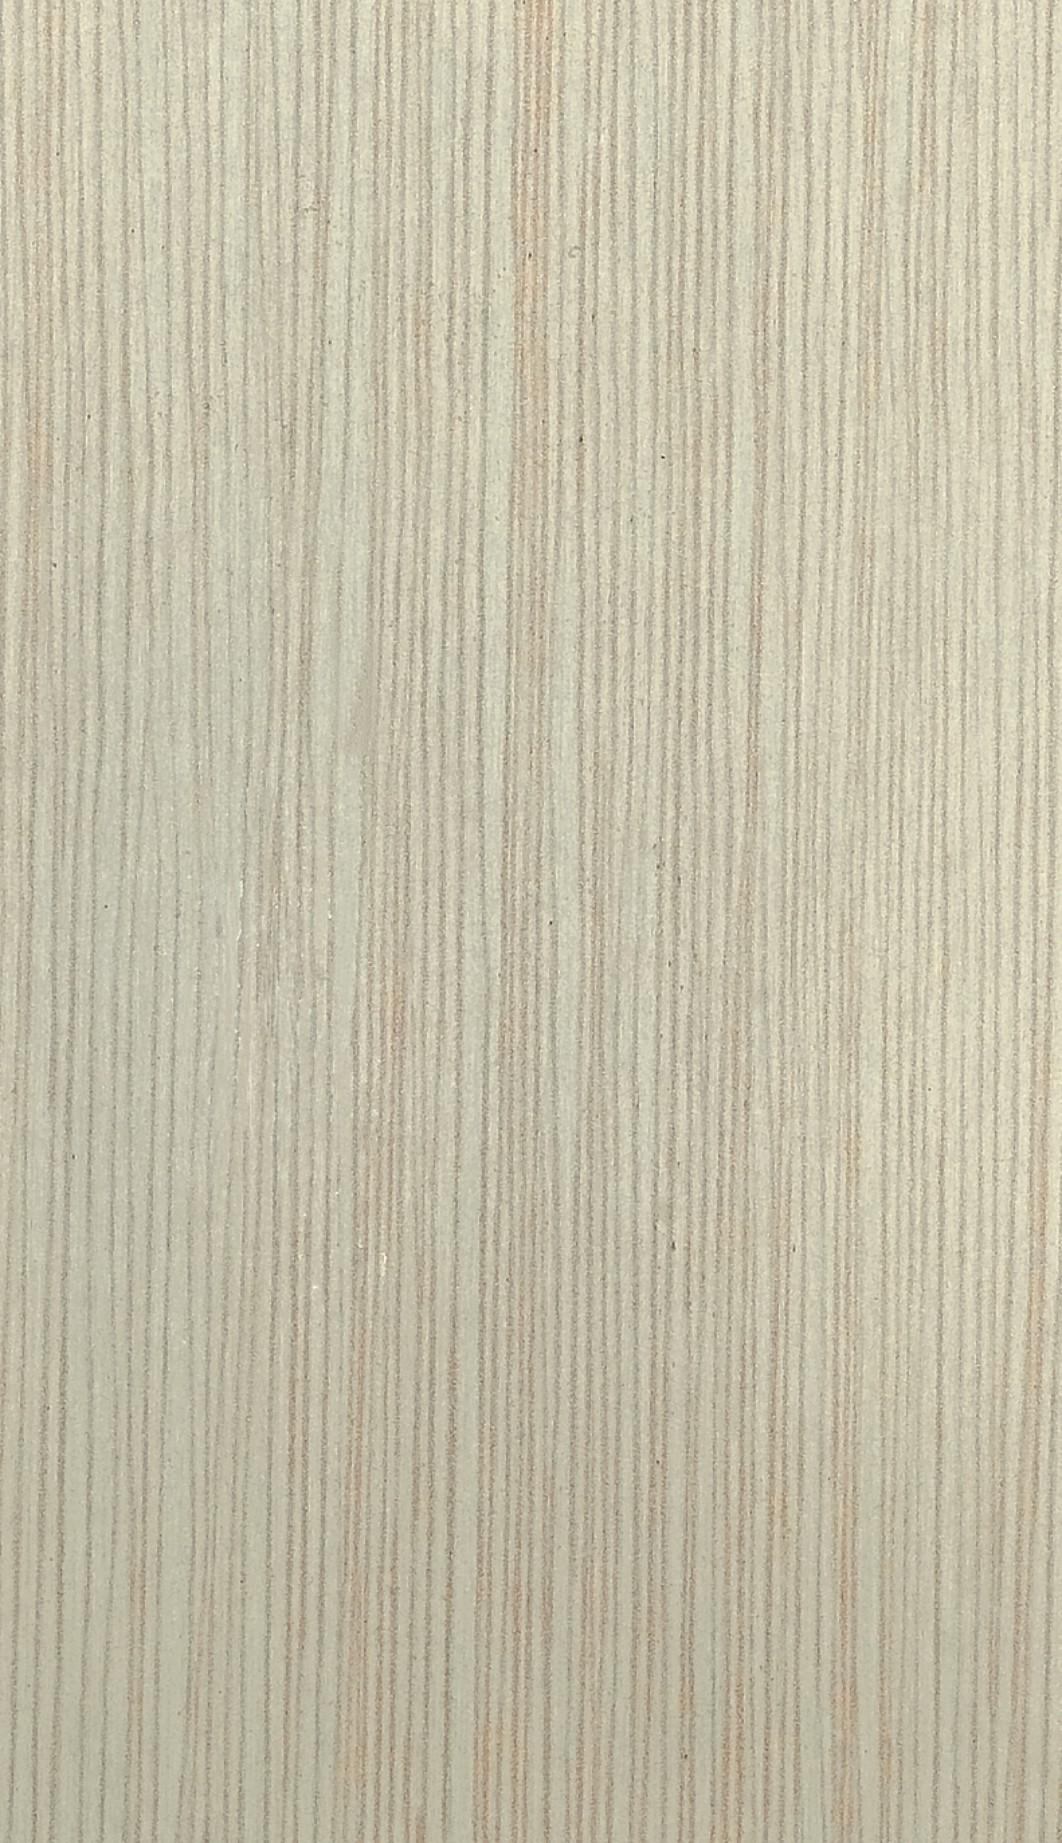 钢木纹铝塑板报价